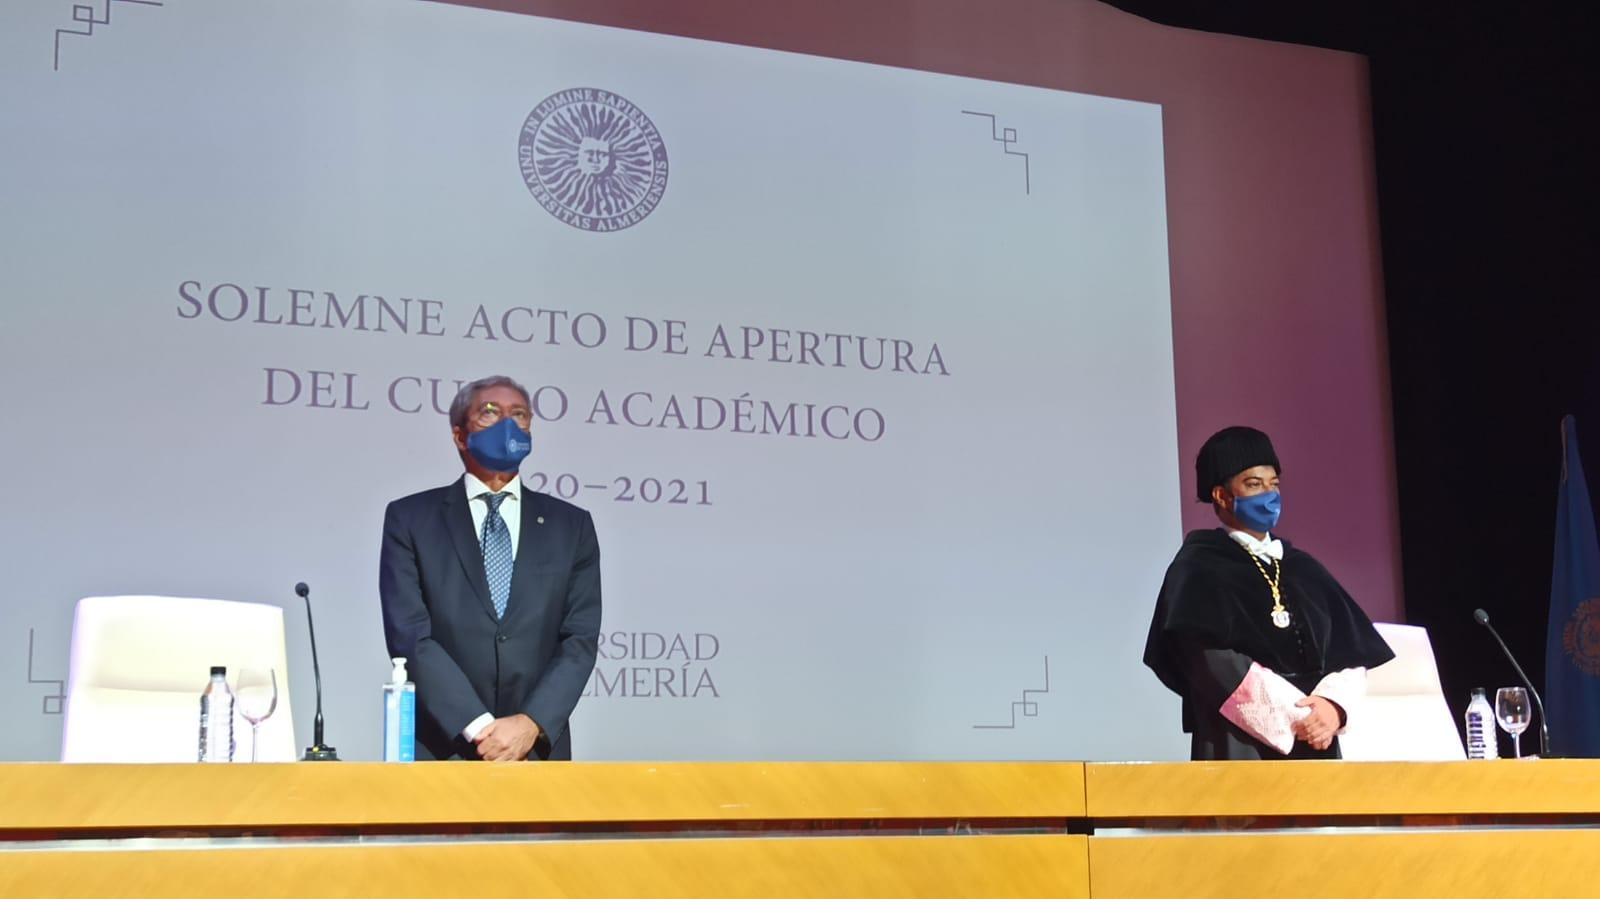 acto apertura curso universitario Ual 2020 consejero